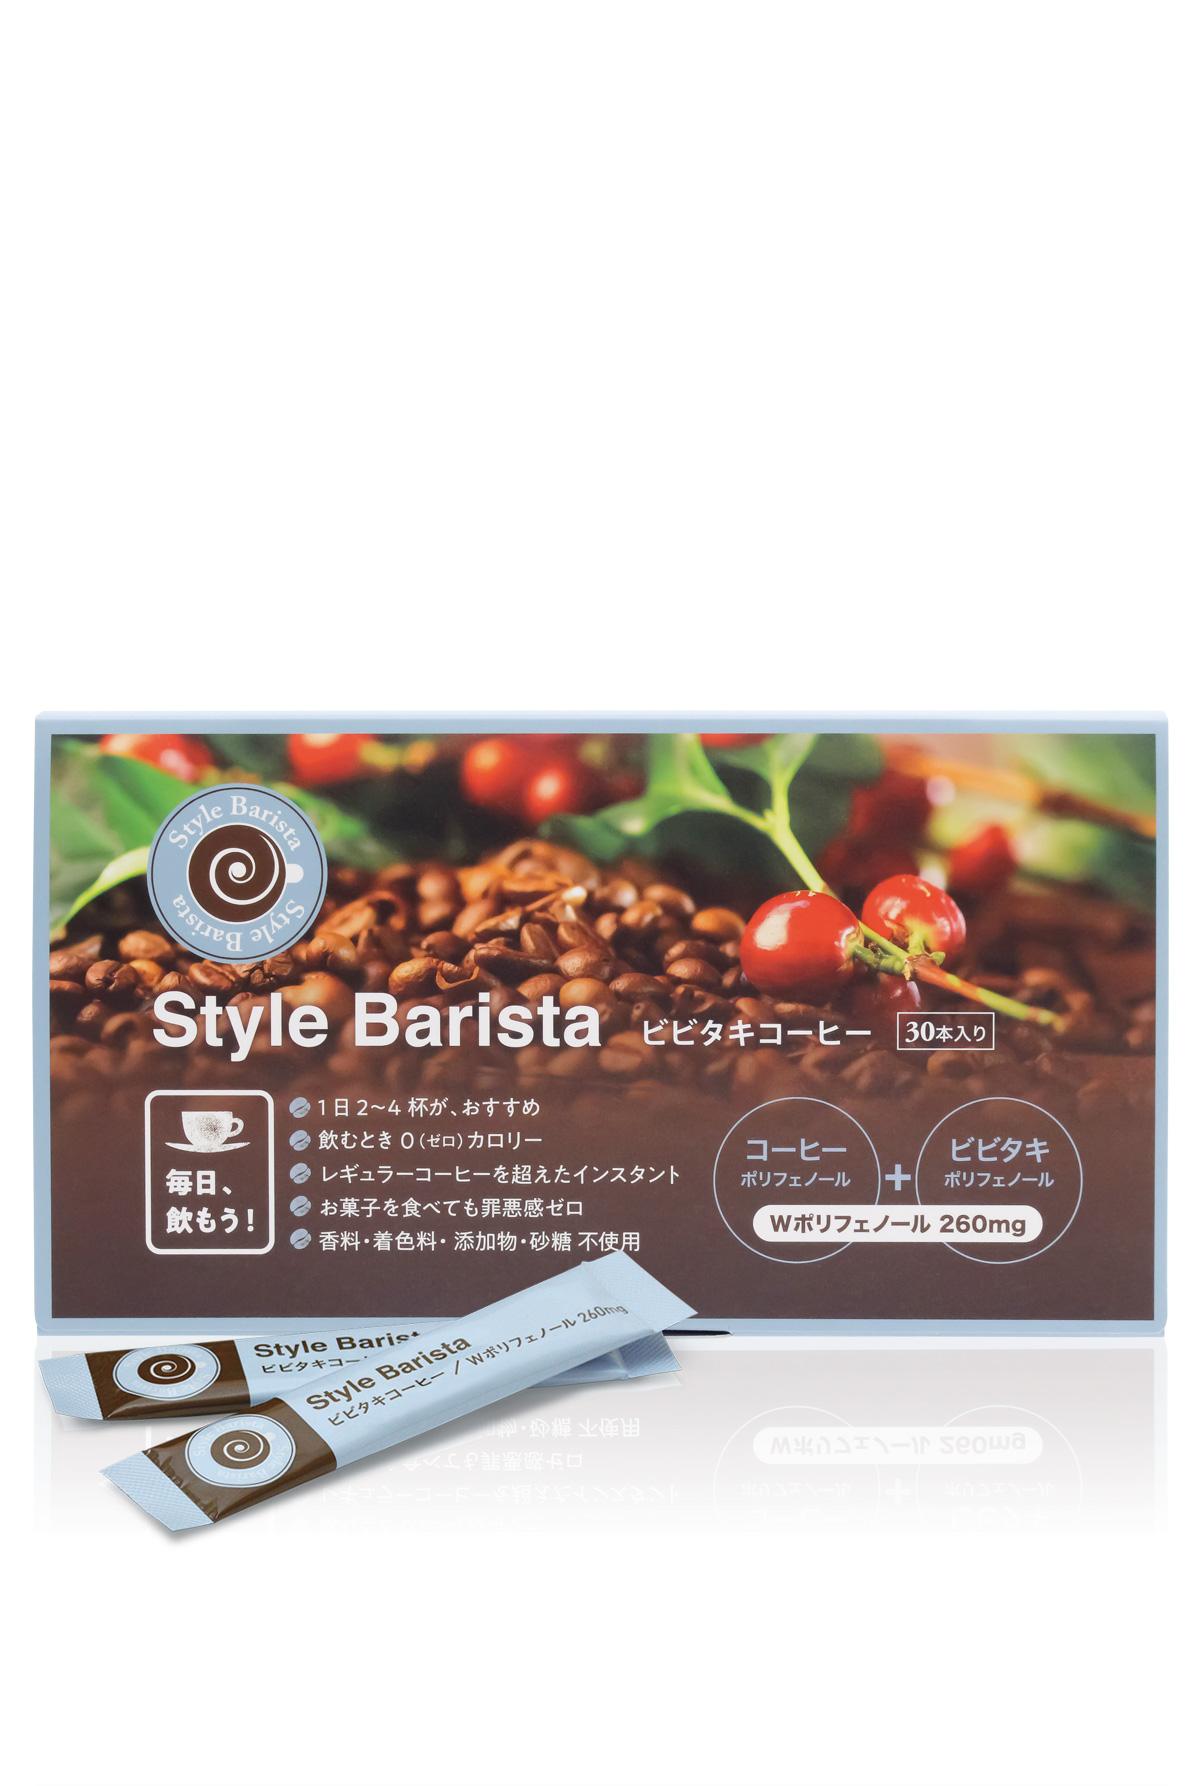 StyleBarista ビビタキコーヒー